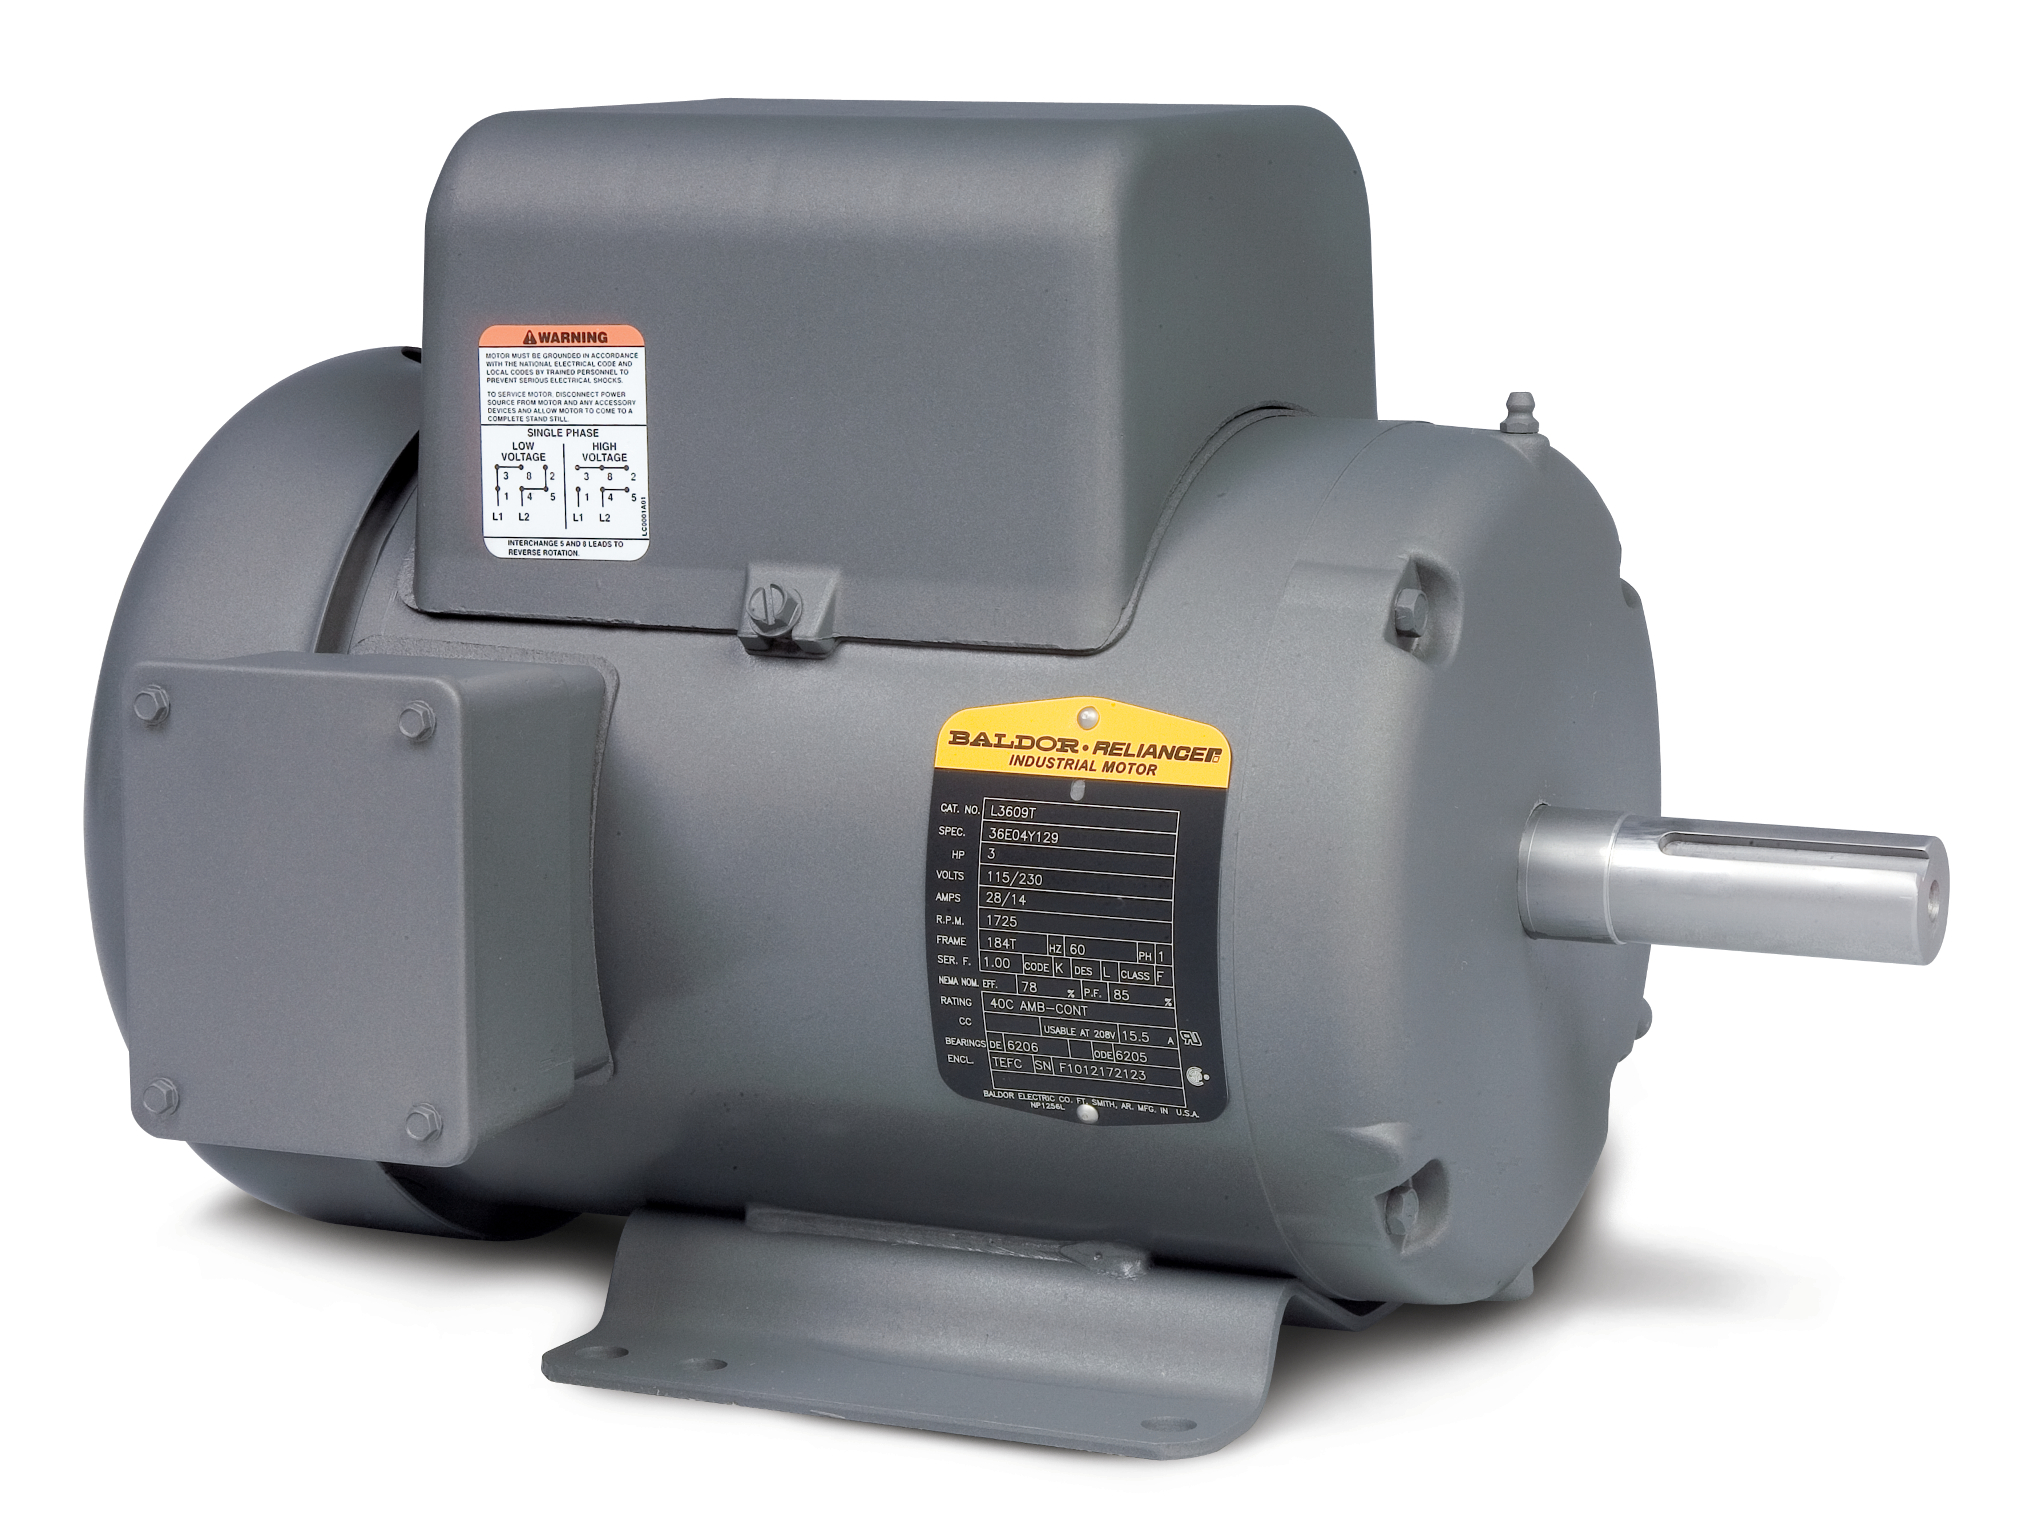 hight resolution of general purpose baldor com image bc white as 1 h 256 w 256 general purpose baldor com baldor single phase enclosed baldor motor capacitor wiring diagram